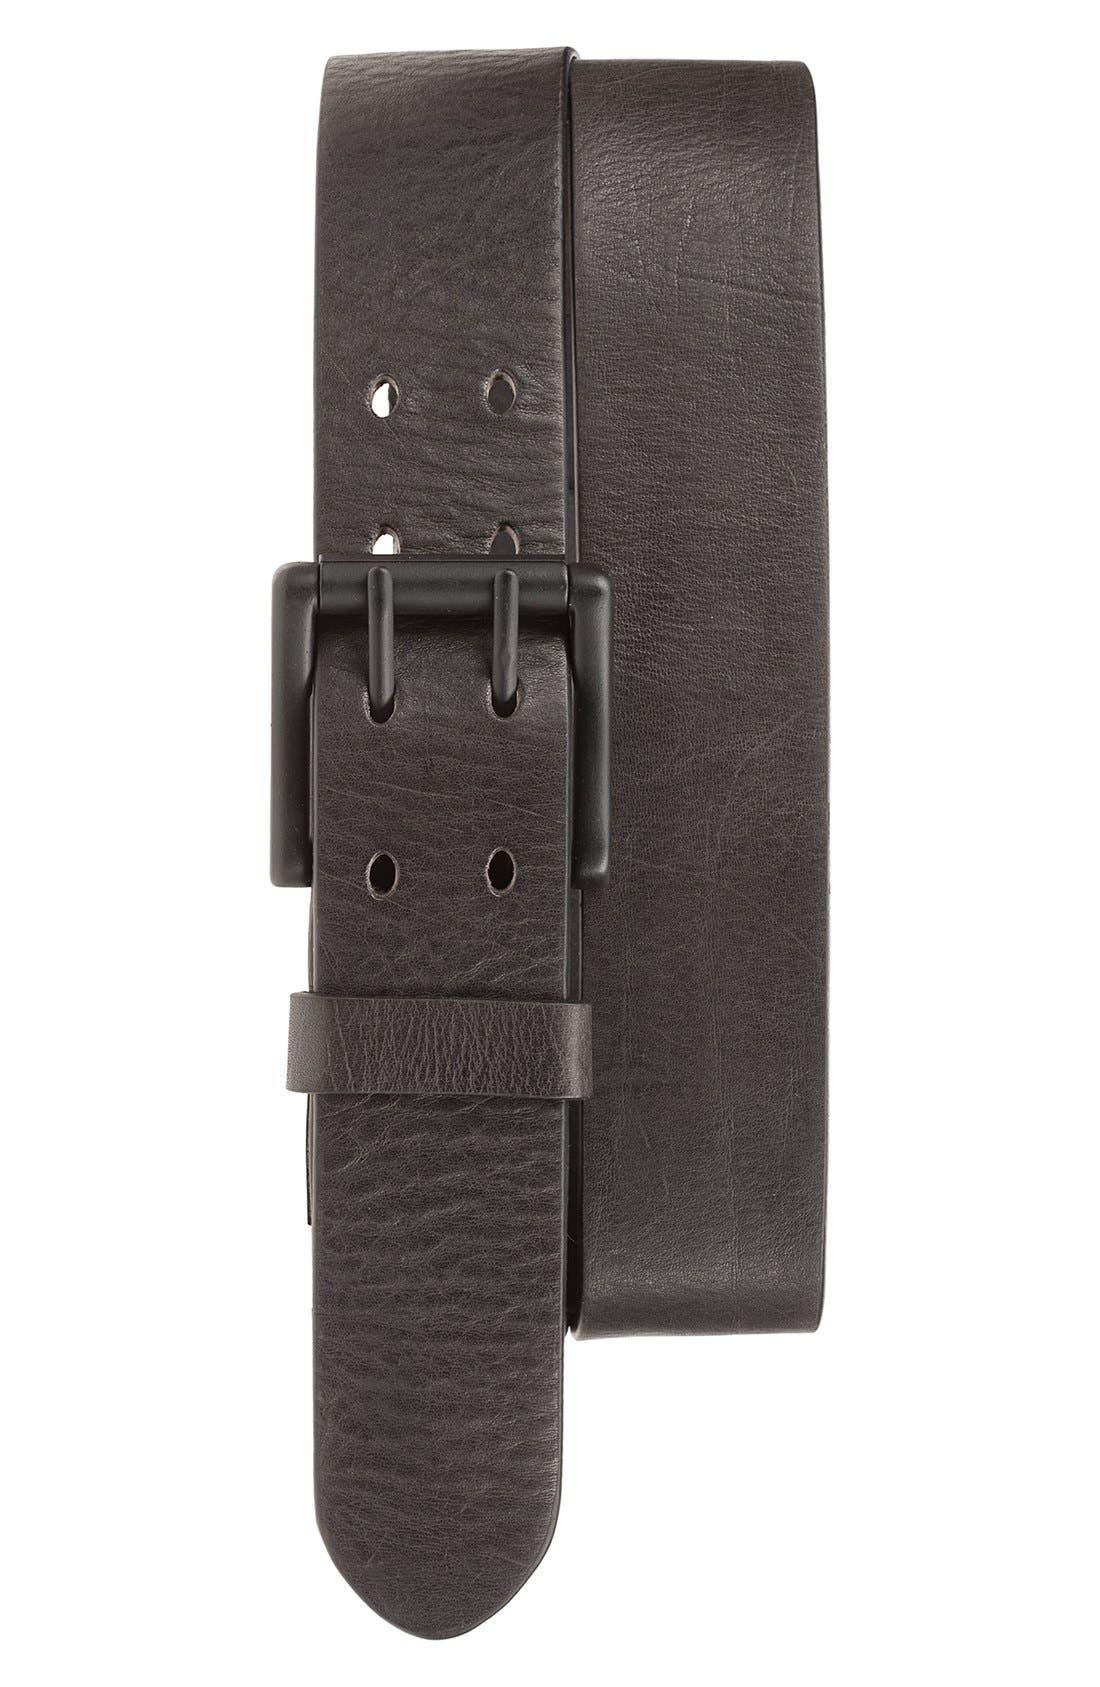 Bill Adler 1981 'Electric Flag' Leather Belt